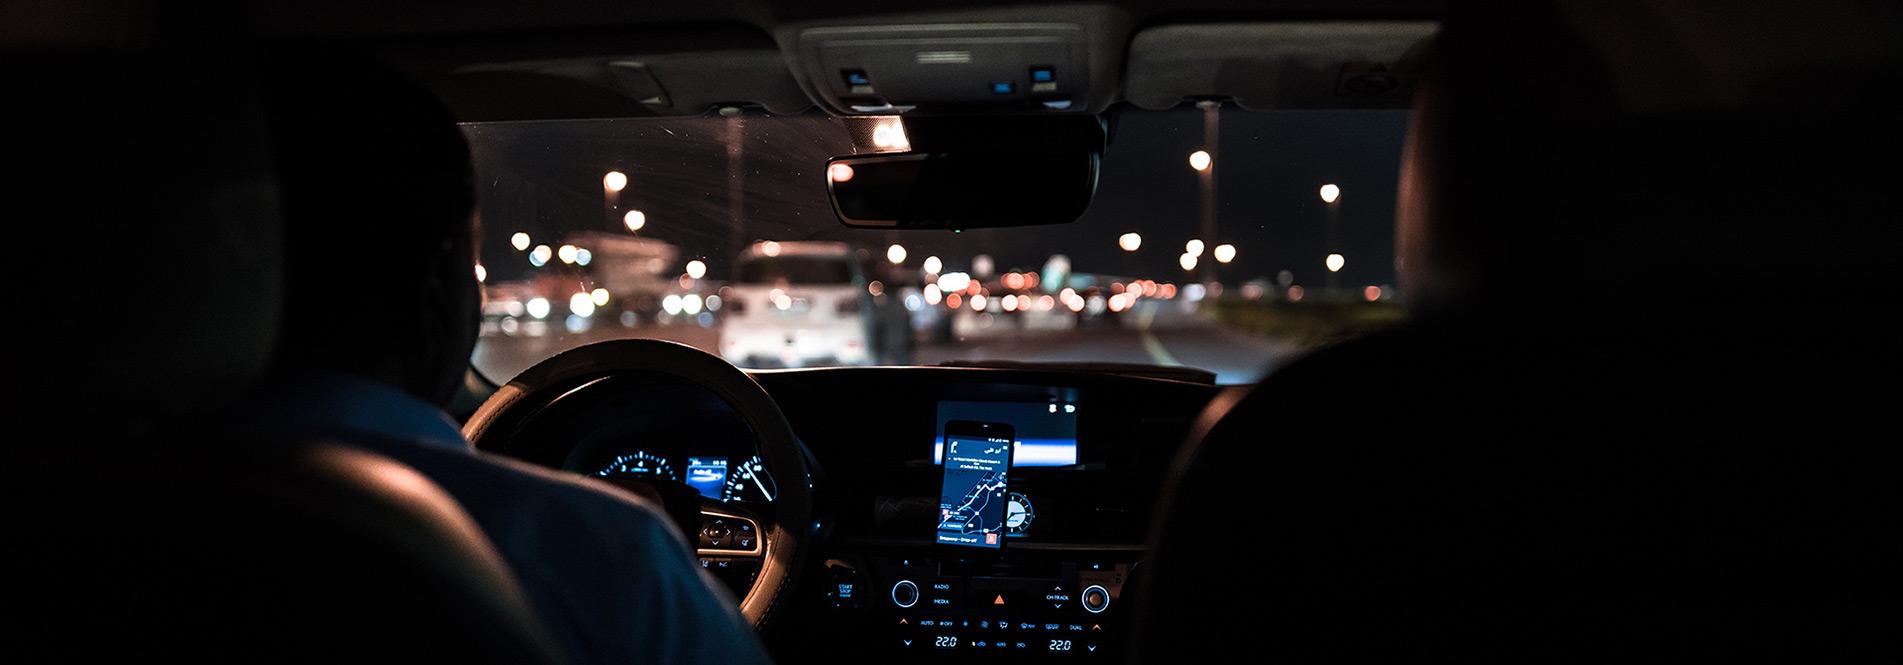 Sicherheit für Vorstandsfahrer